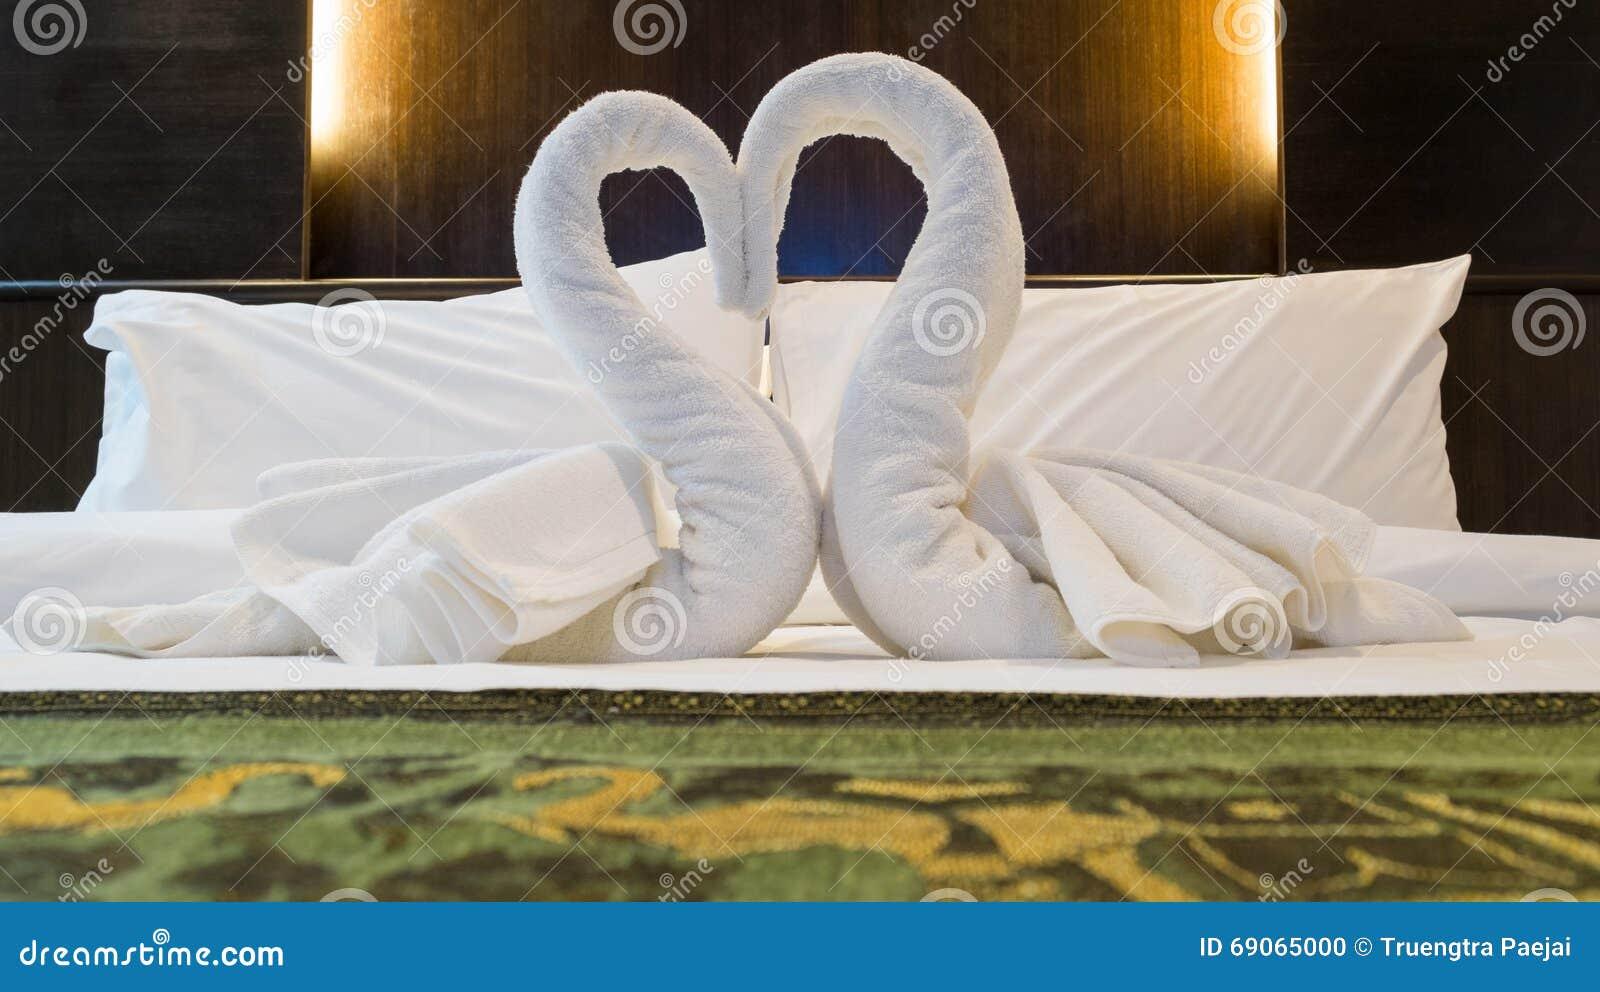 Decoracion De Las Toallas En Hotel Del Sitio De La Cama Foto De - Decoracion-con-toallas